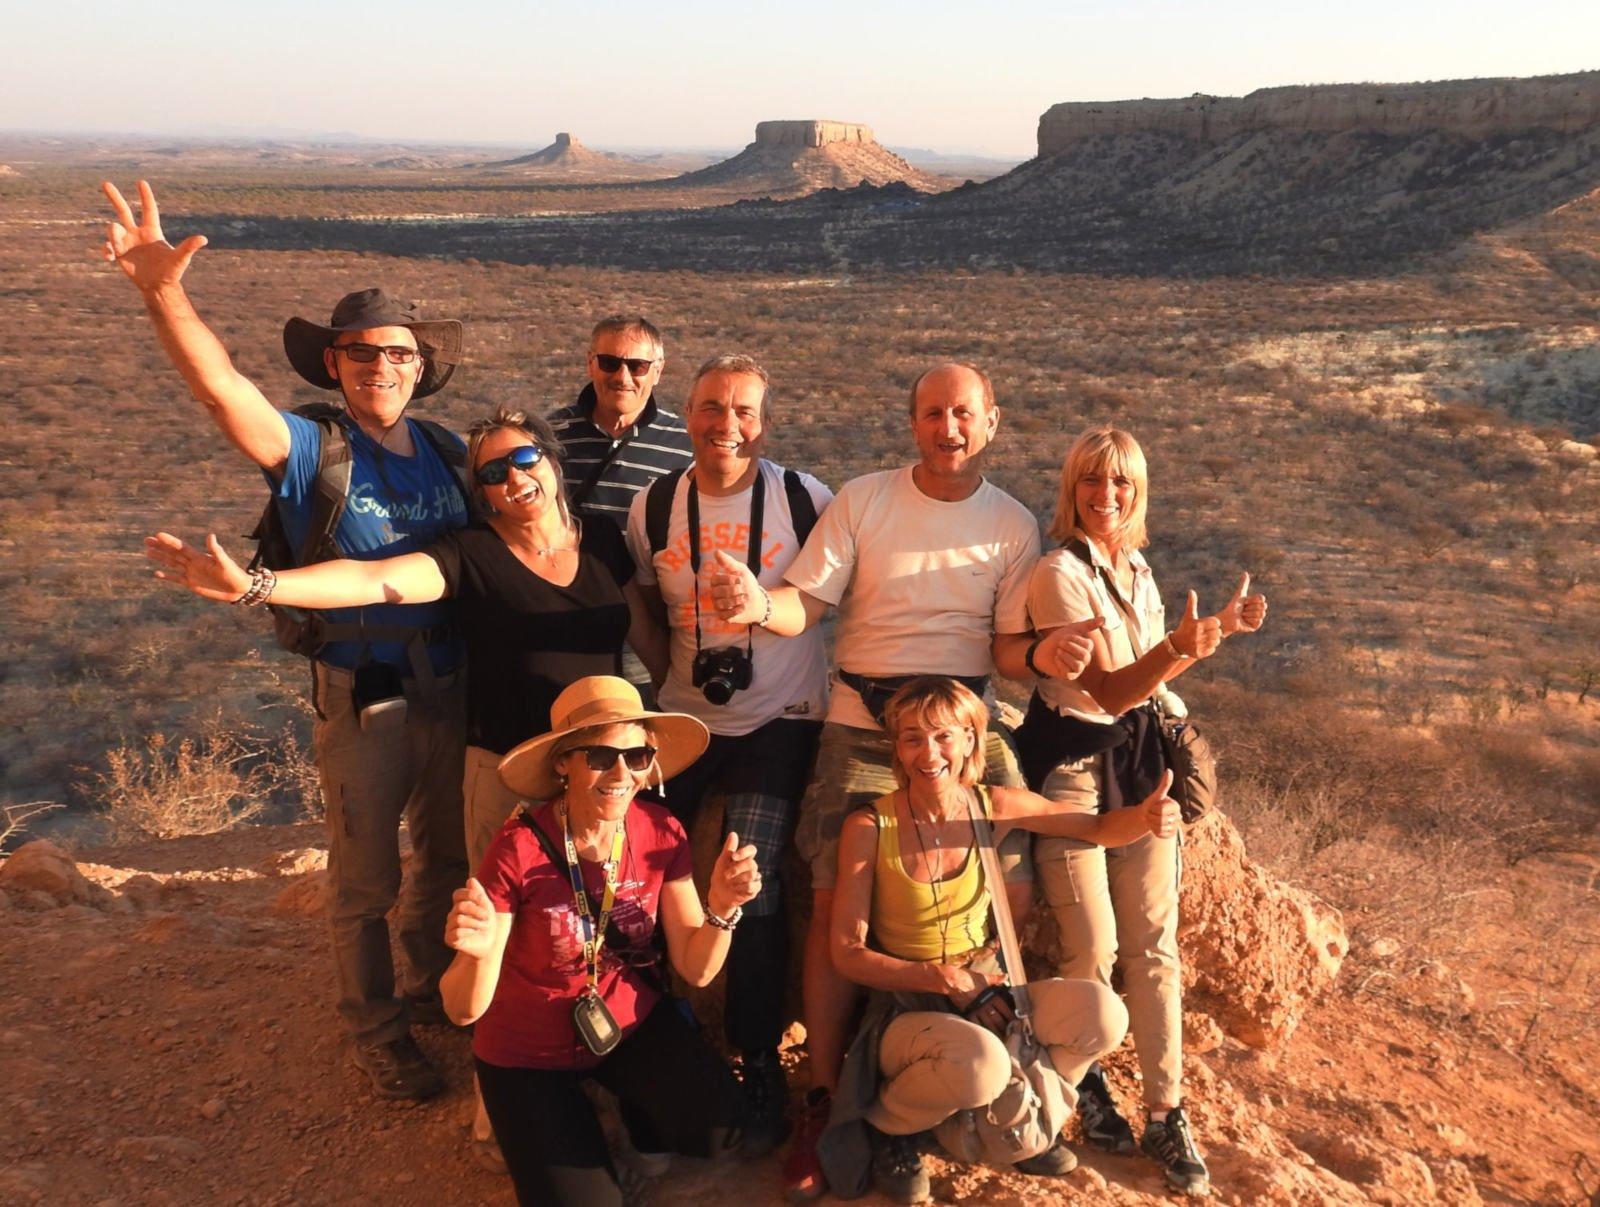 Namibia in compagnia Gruppo felice di persone che viaggiano